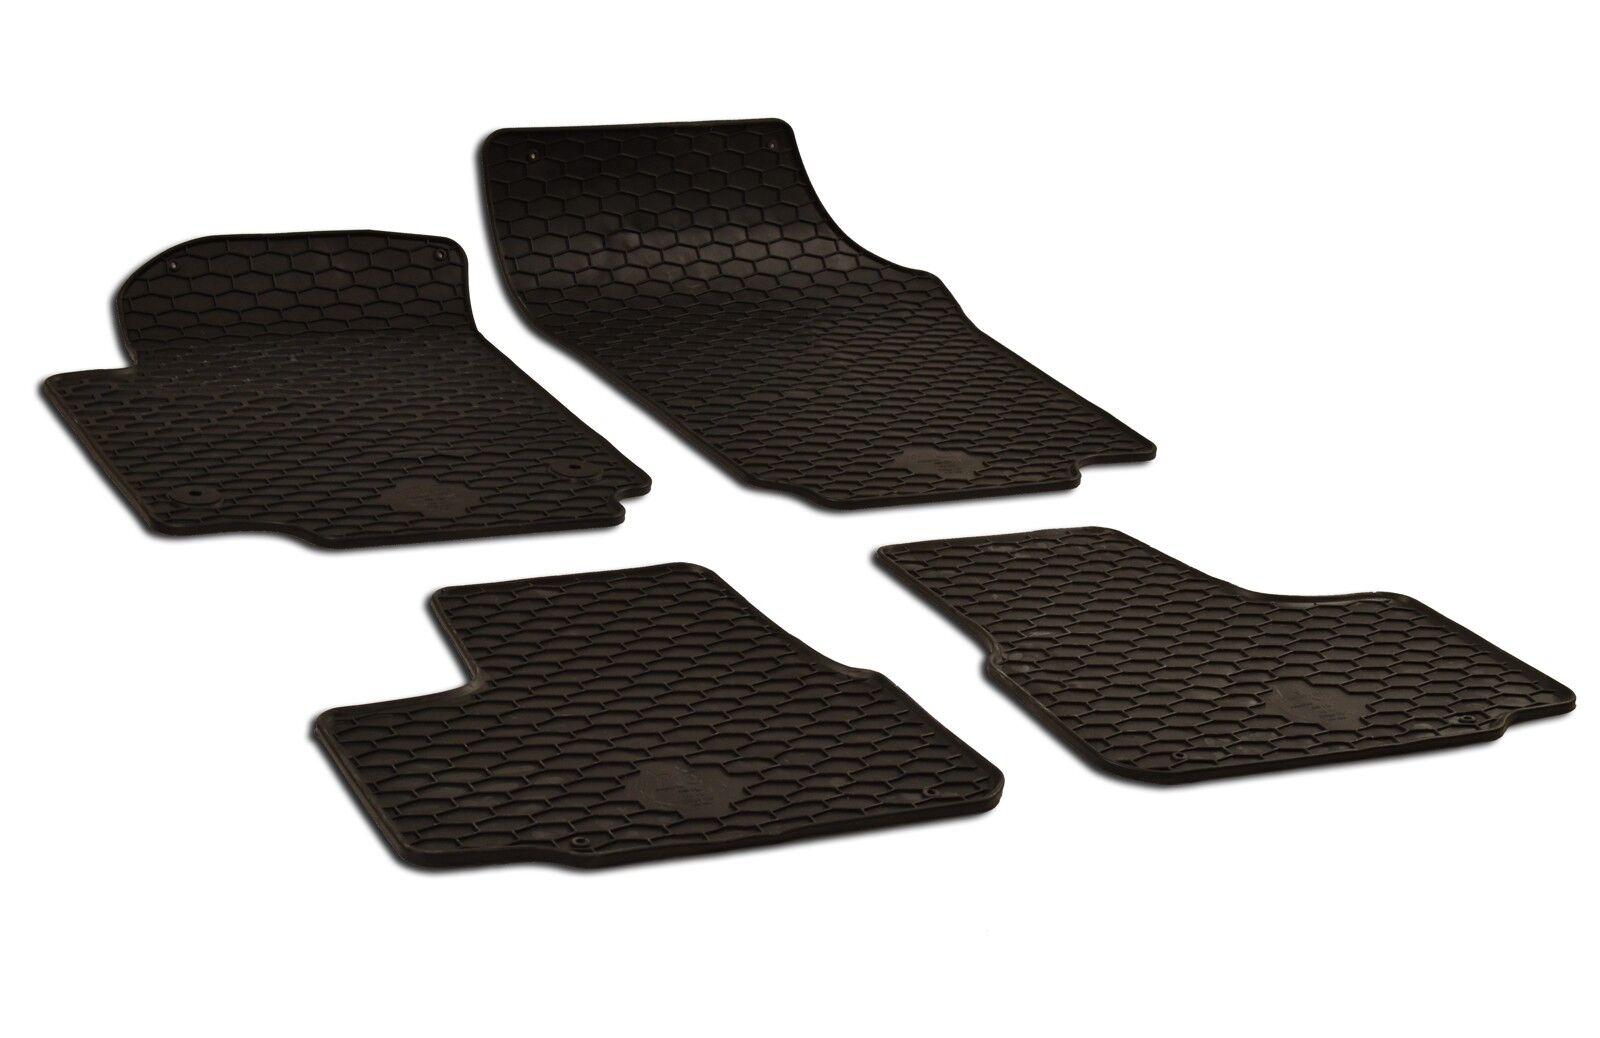 Gummimatten Gummi Fußmatten für VW Sharan 2 II 7N ab 2010 Original Qualität